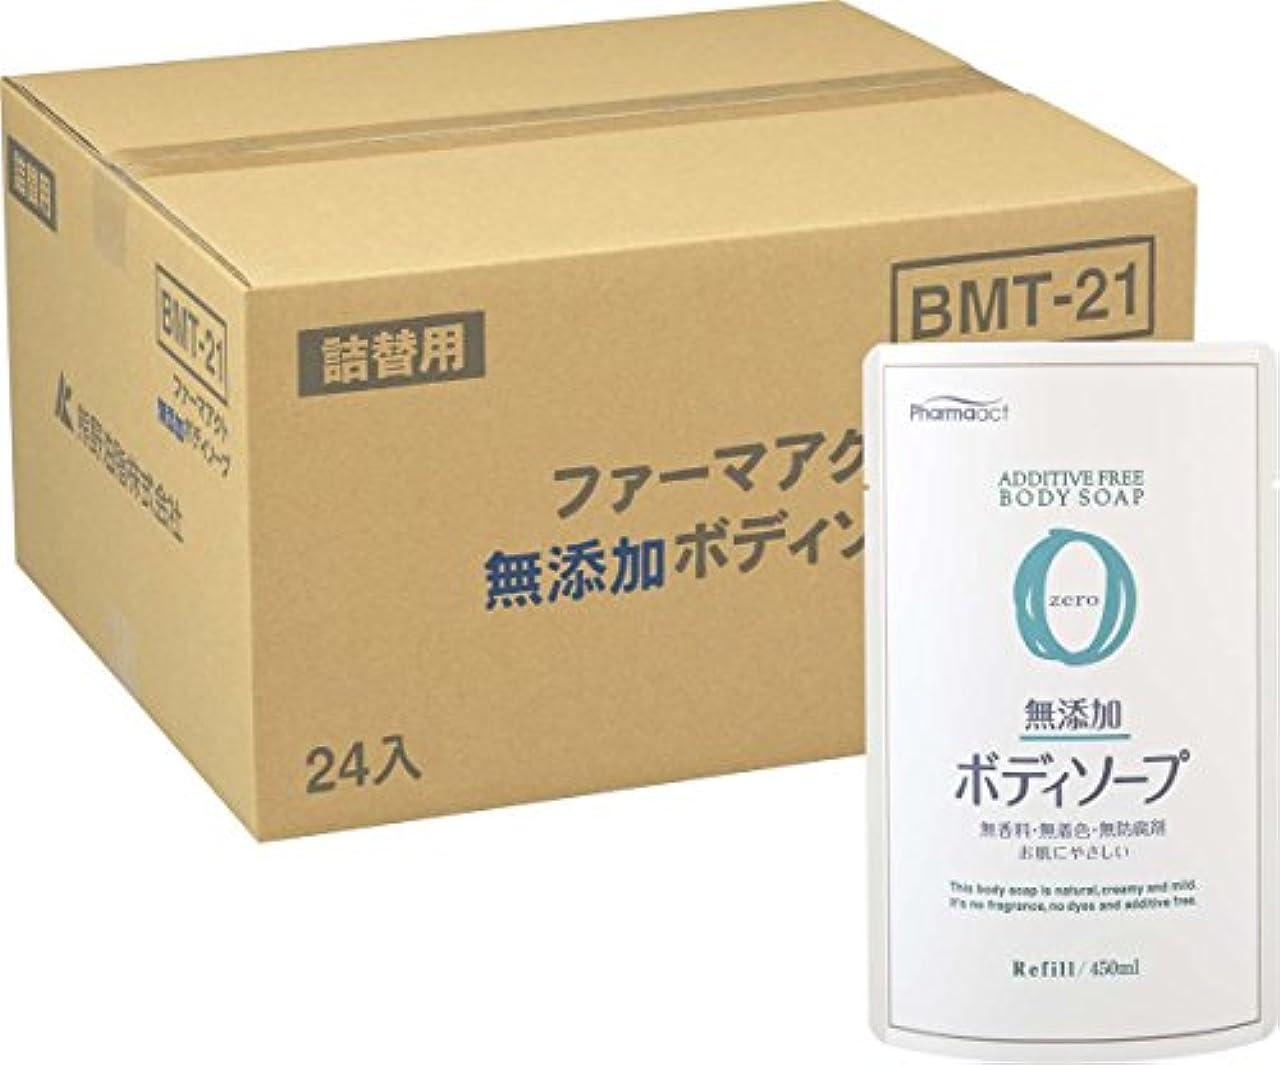 舌なポール乳【ケース販売】ファーマアクト 無添加ボディソープ詰替用 450ml×24個入